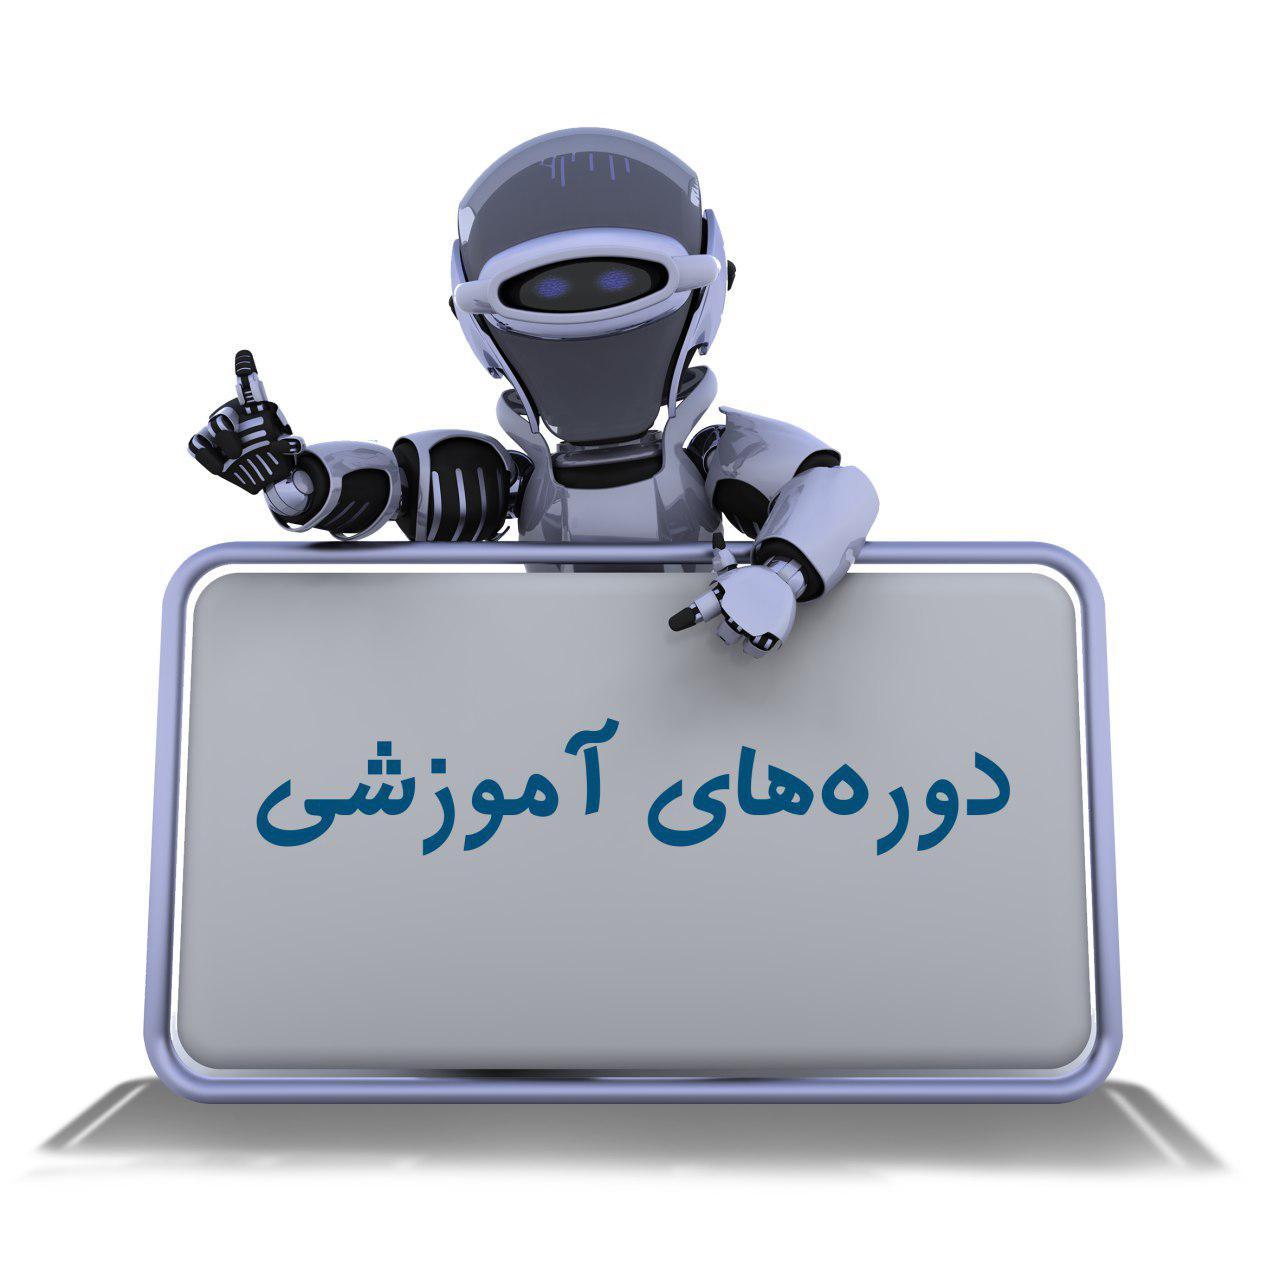 آموزش رباتیک در کرج